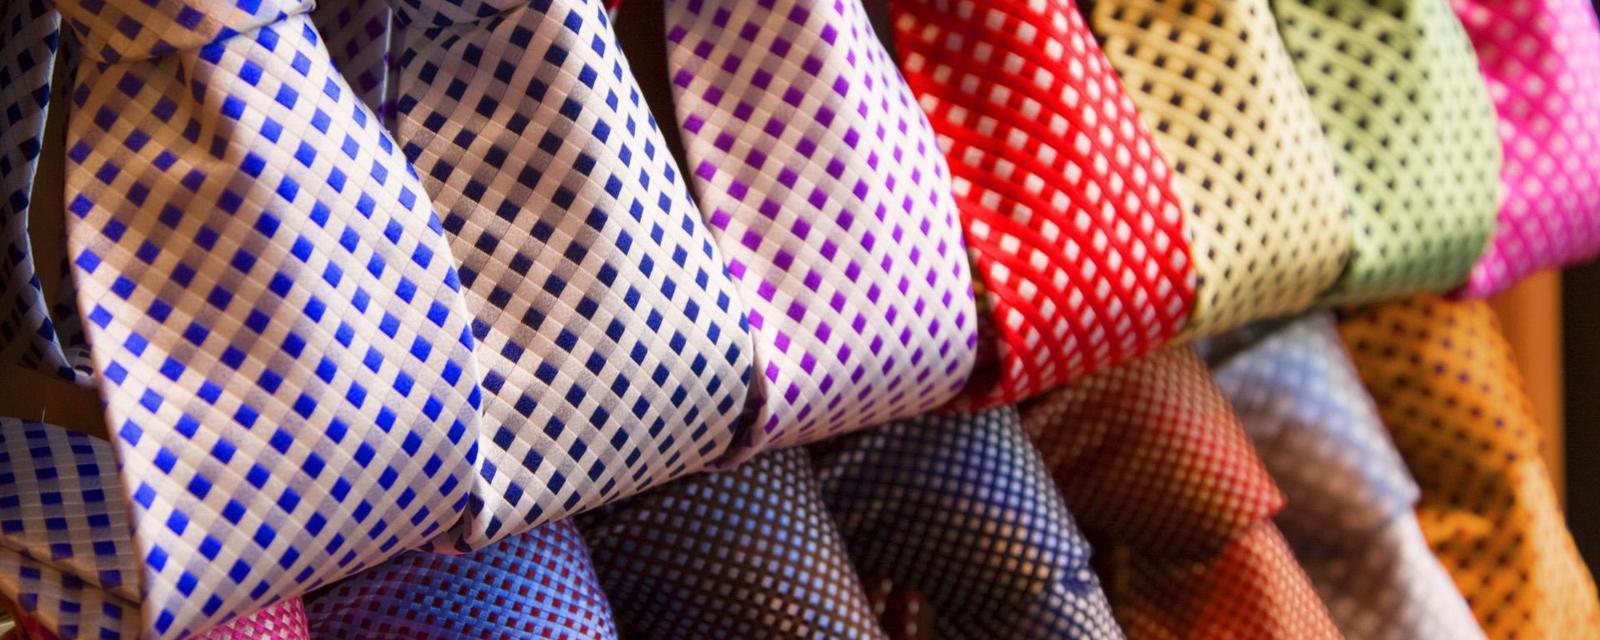 Ini makna warna dasi favorit cowok